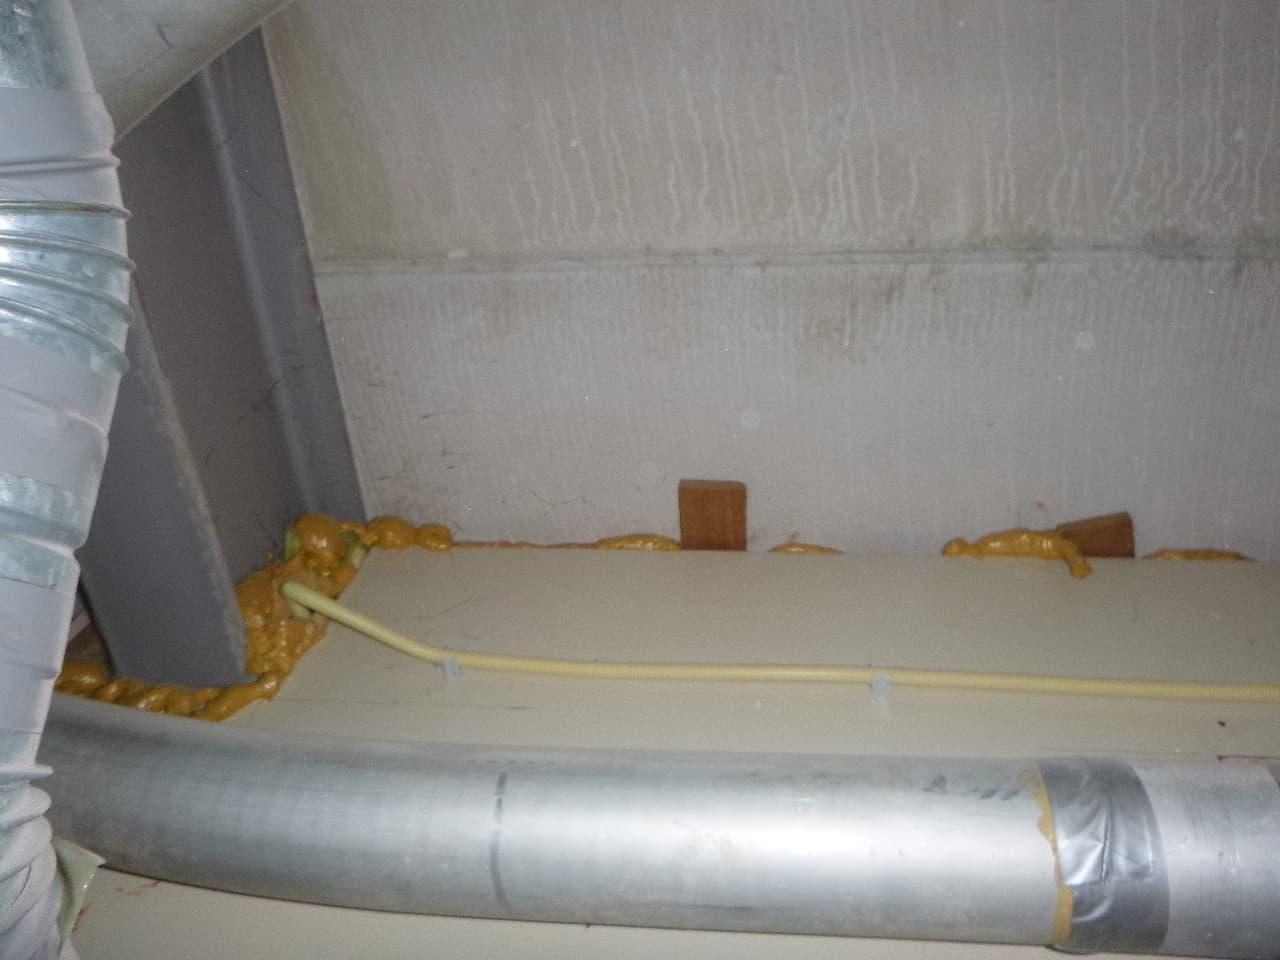 Foto 1. Fout! De naden rondom de lichte wandconstructie, de opening rondom de stalen ligger en de sparing rondom de kabeldoorvoer zijn allemaal afgedicht met 'brandwerend' pur schuim.